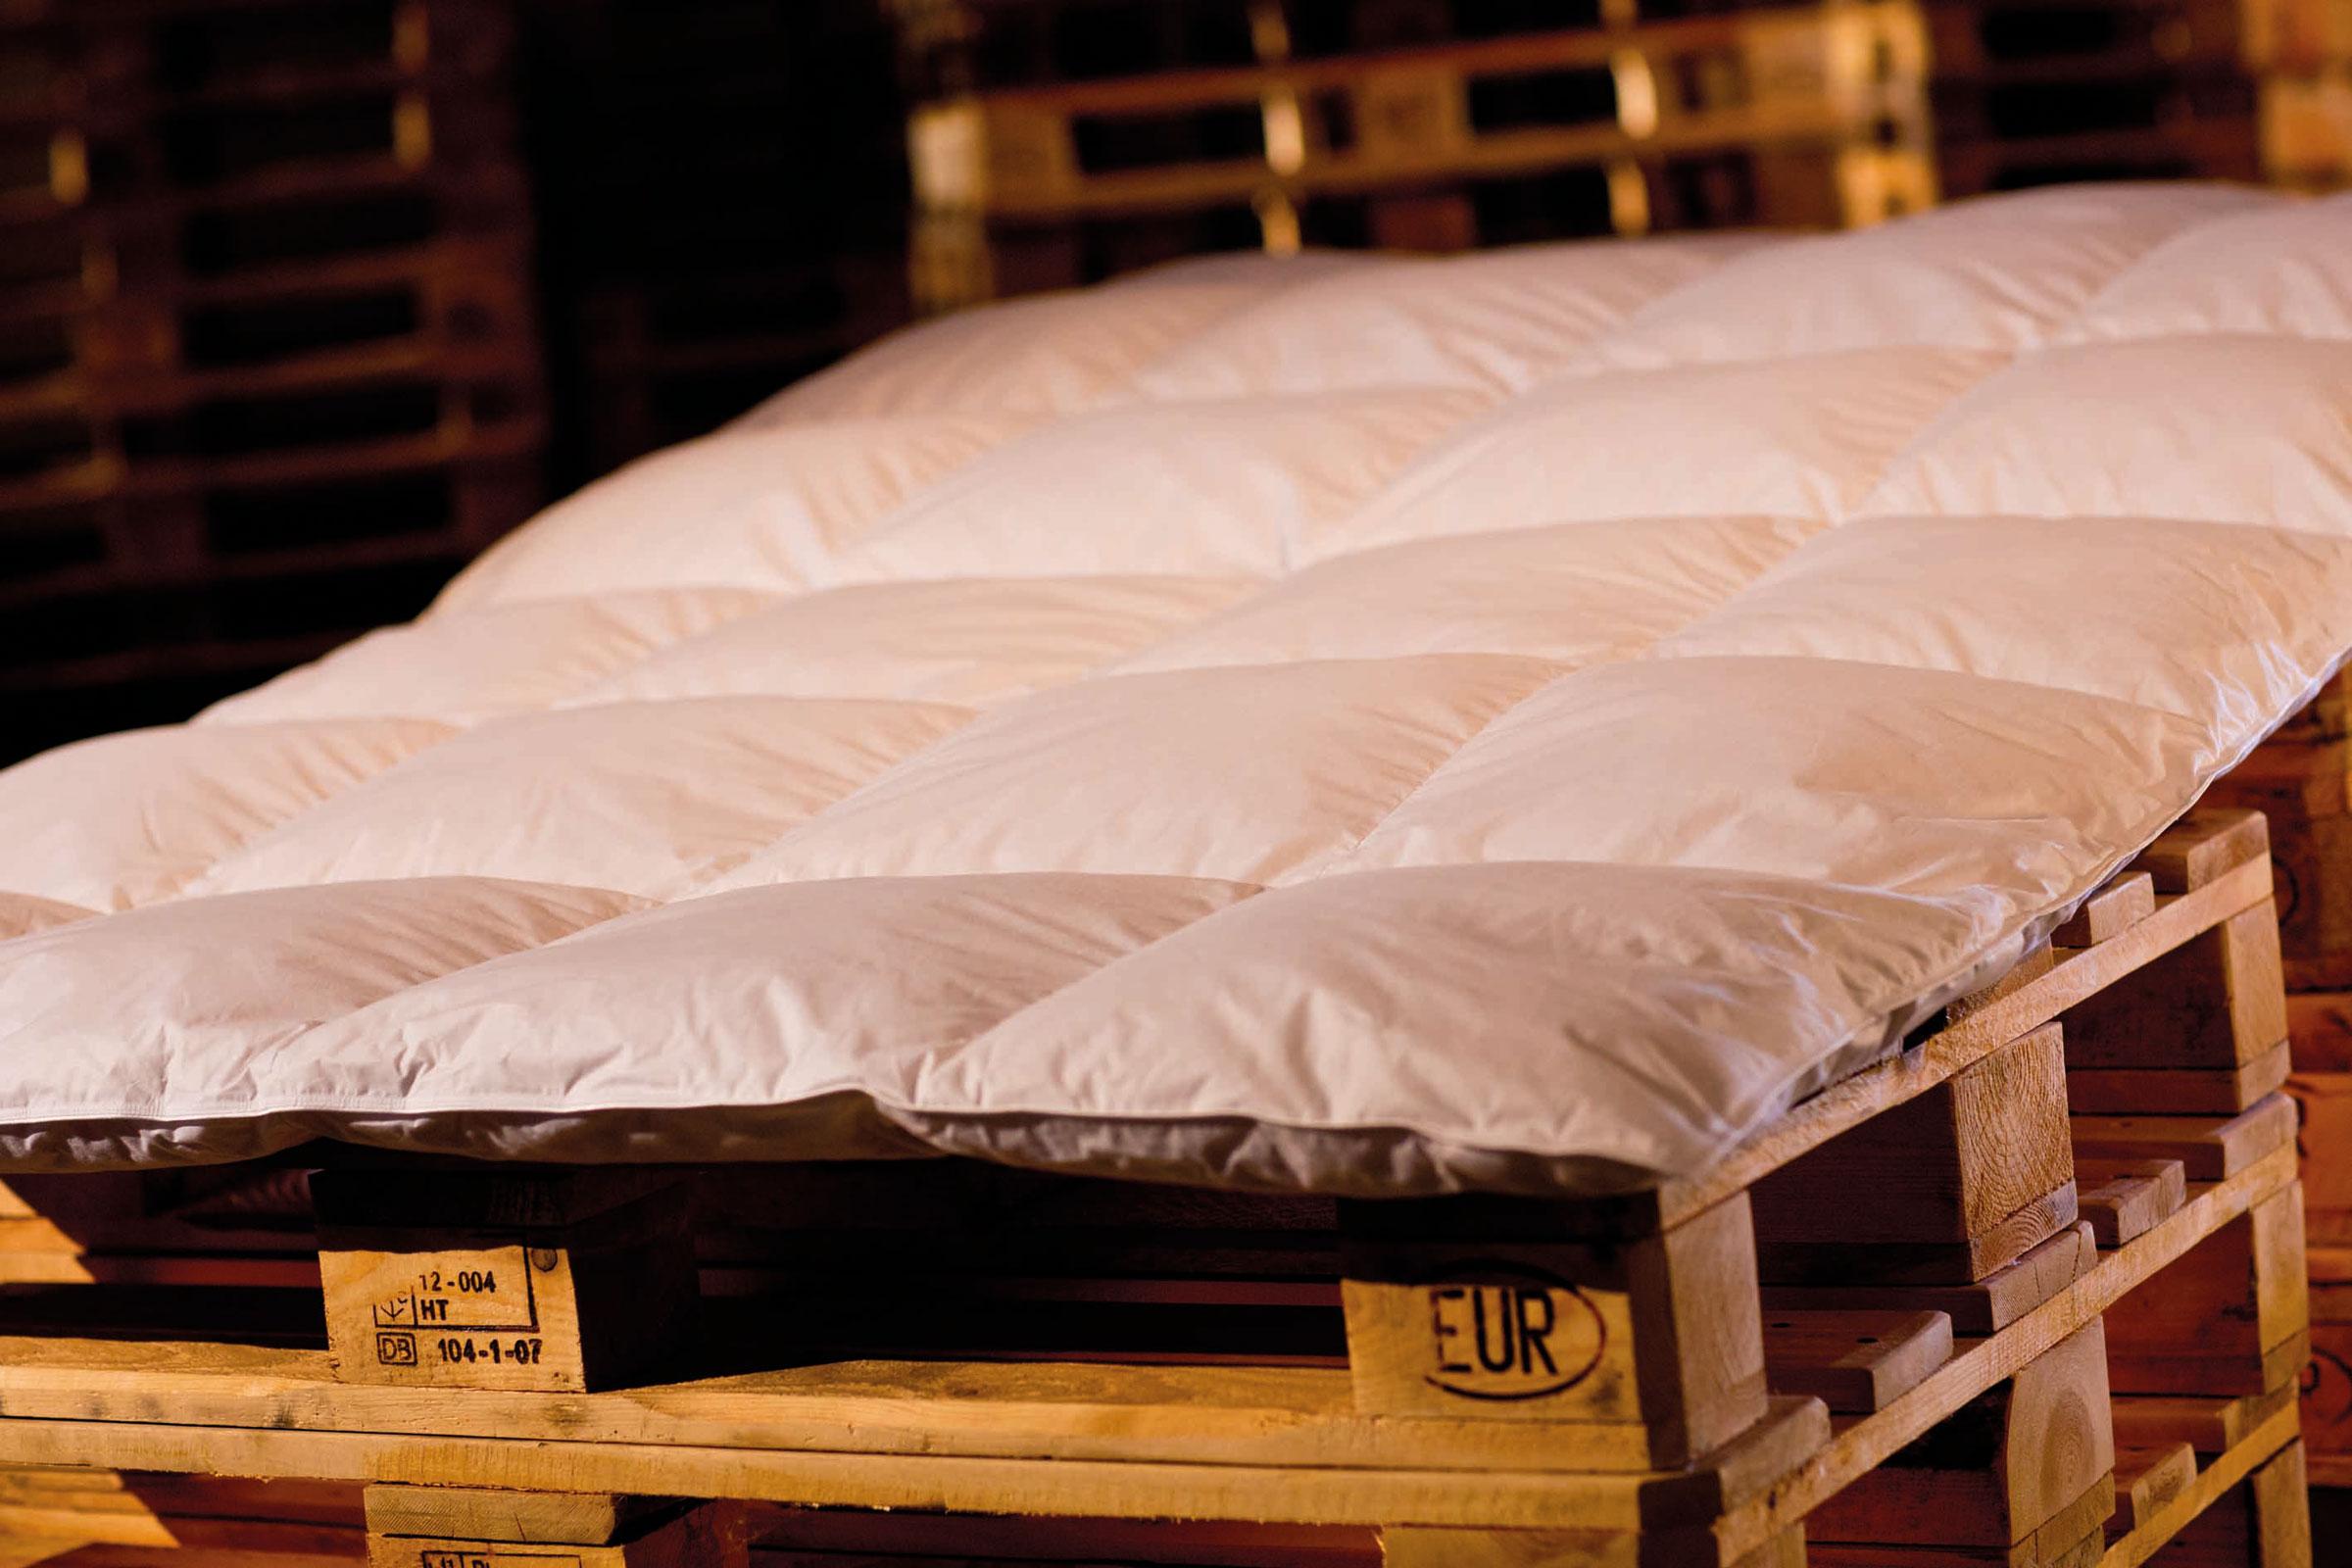 Bettdecken und Kopfkissen - Premium Sommerdecke Bettdecke 200x200 550Gramm 50 Daunen 50 Federn Serie Moon  - Onlineshop PremiumShop321